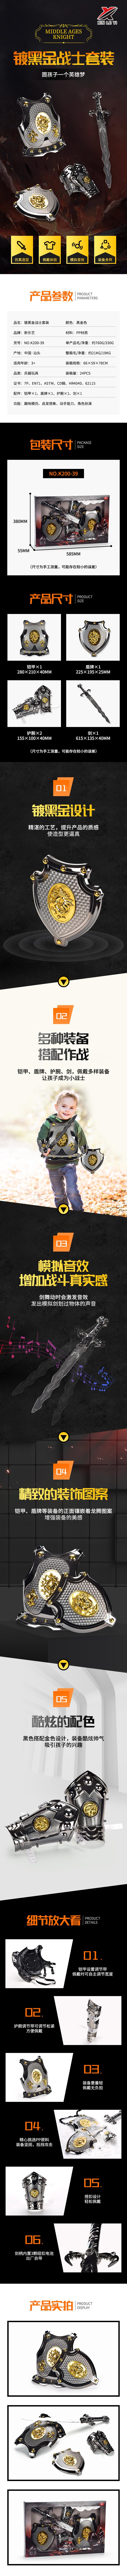 新乐艺-(K200-39)-镀黑金战士套装-中文版详情页.jpg